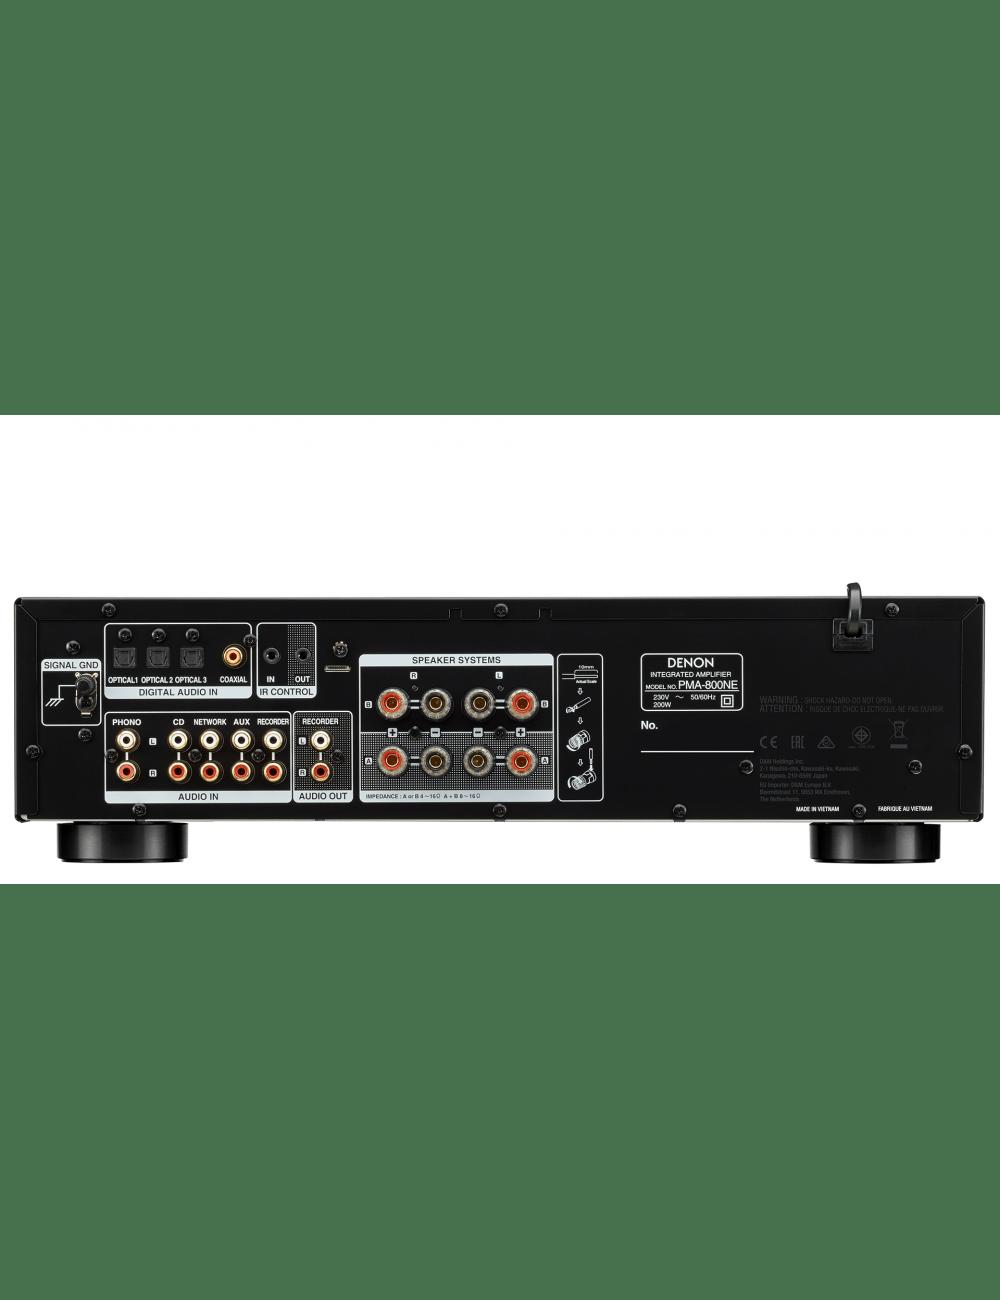 amplificatore integrato HiFi, Denon PMA-800NE, ingressi analogici e digitali, stadio phono, finitura black, connessioni